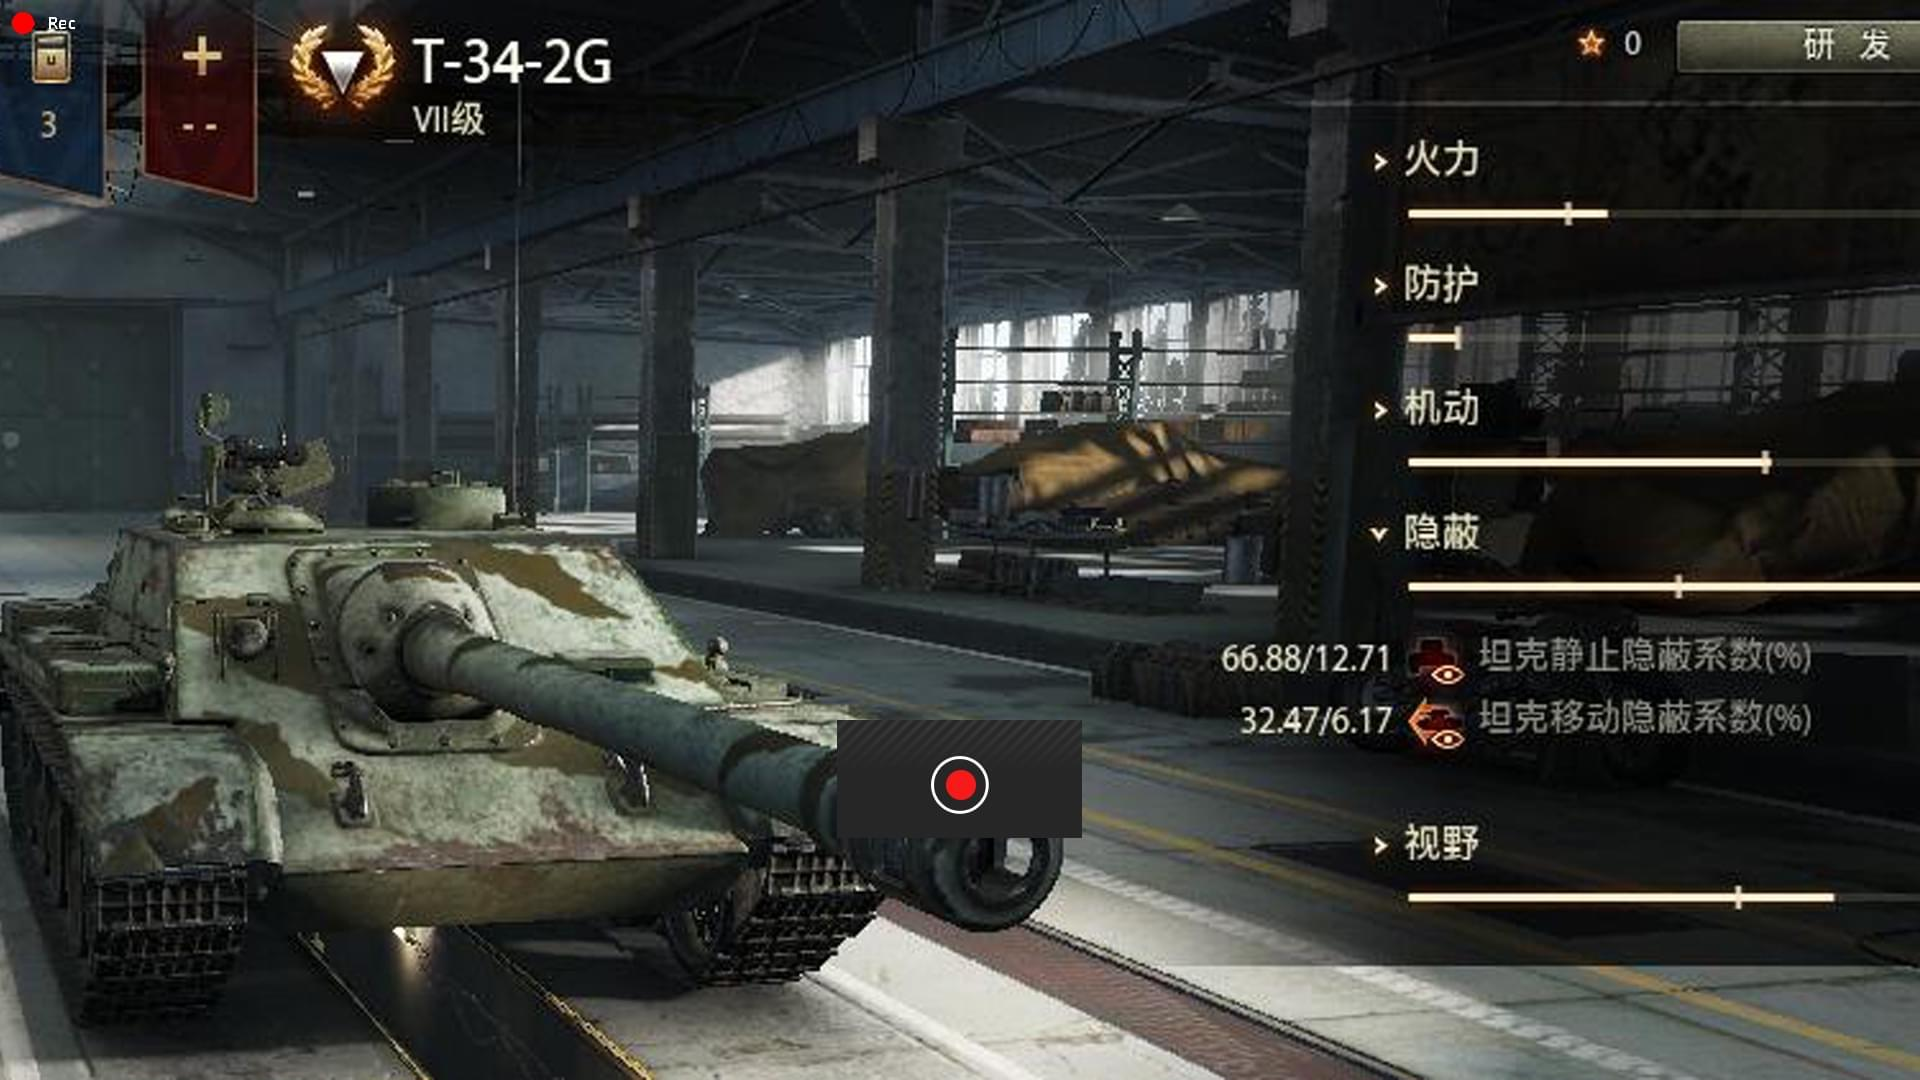 联想游戏电脑全面升级 智能推送坦克世界资讯